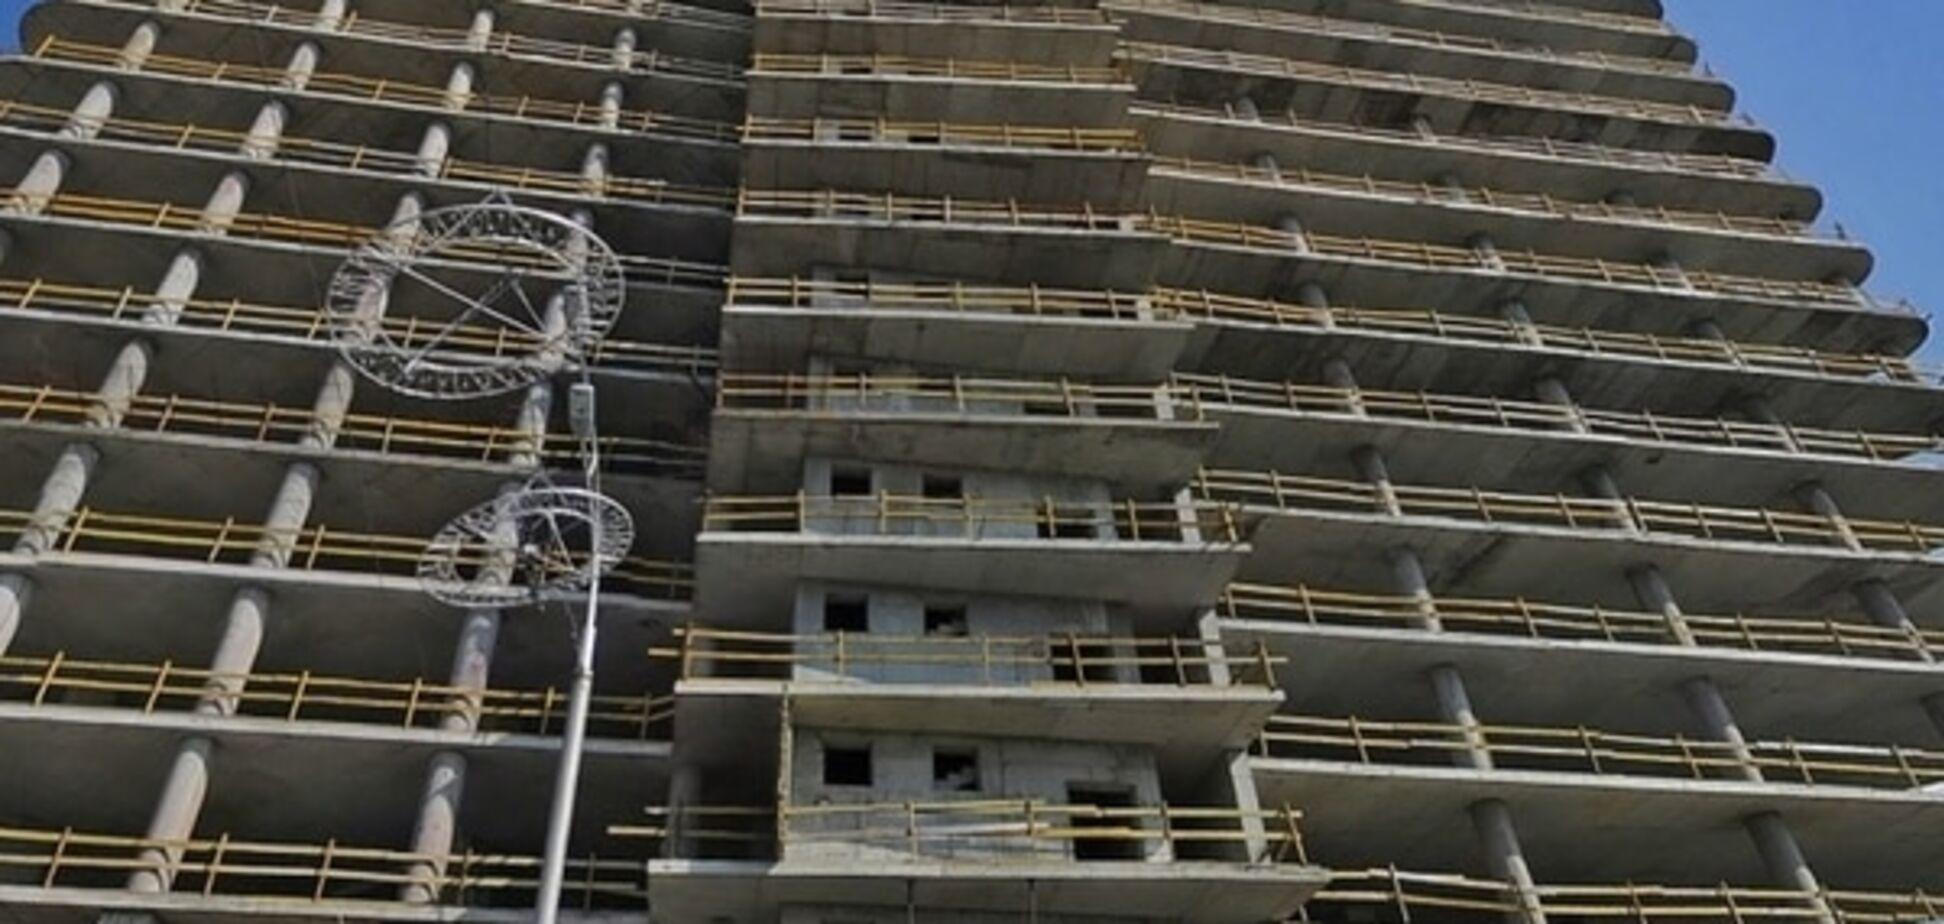 Микитась: Укрбуд приостанавливает стройку на Никольской слободке